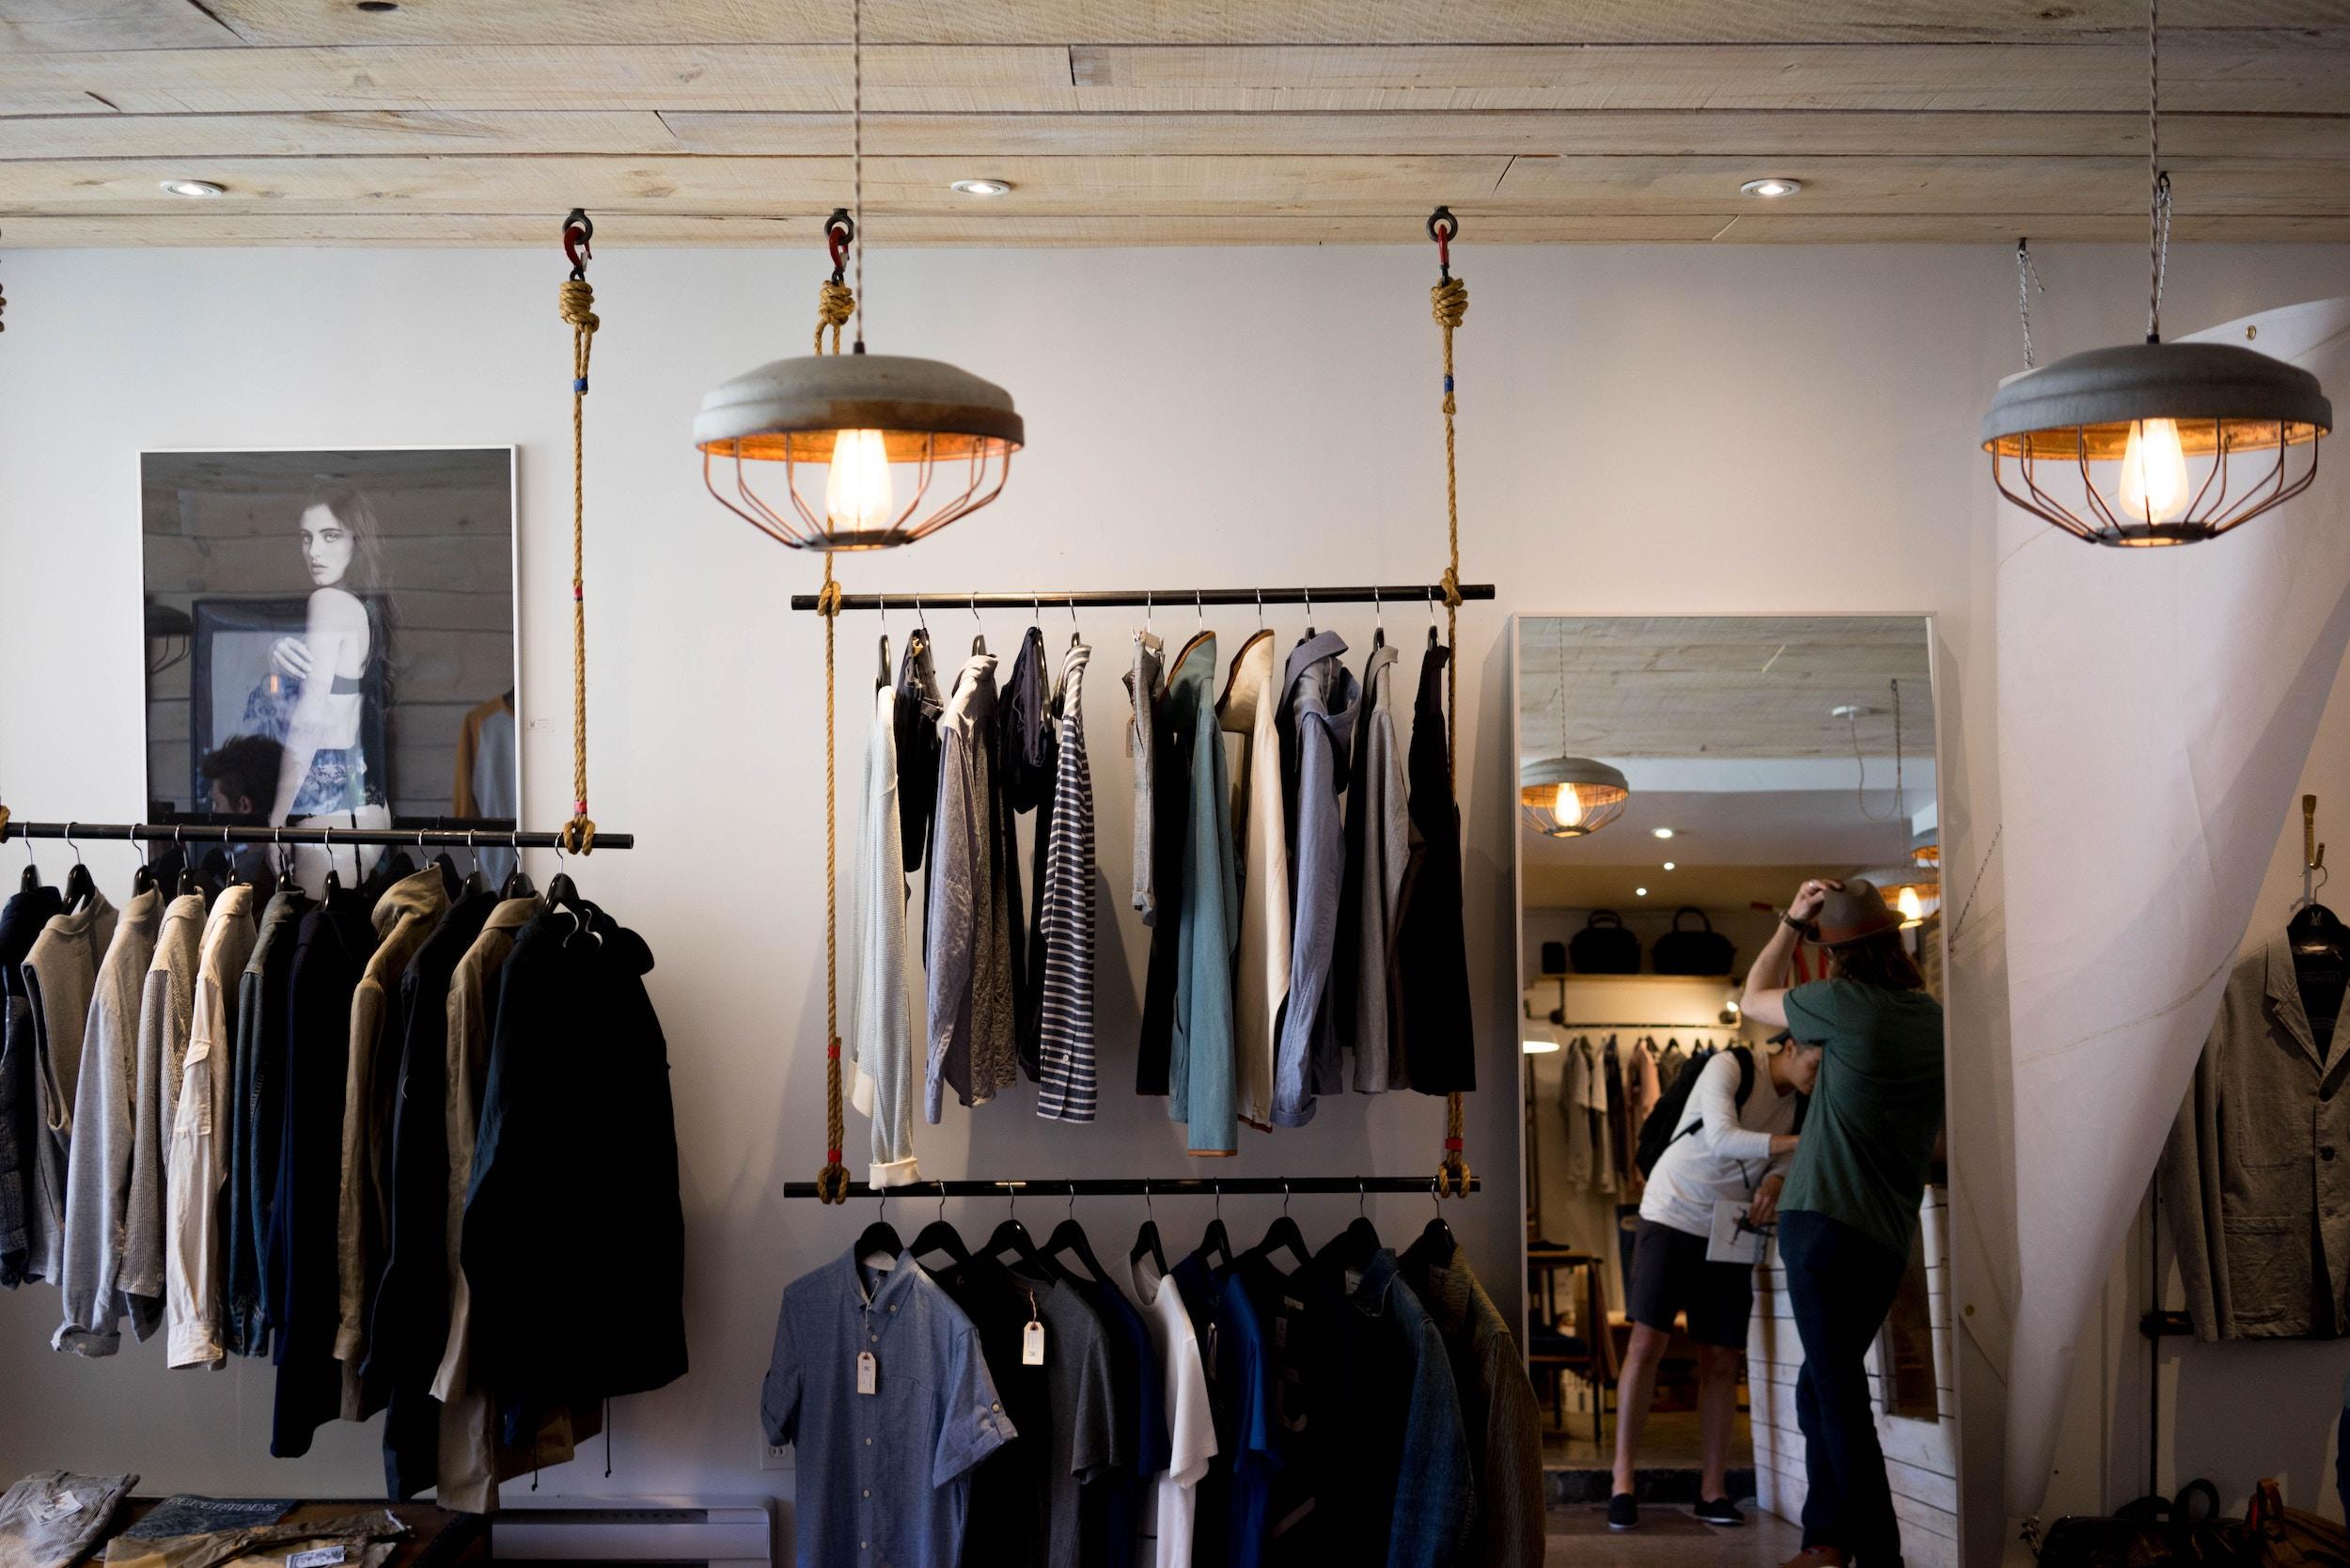 clark-street-mercantile-33919